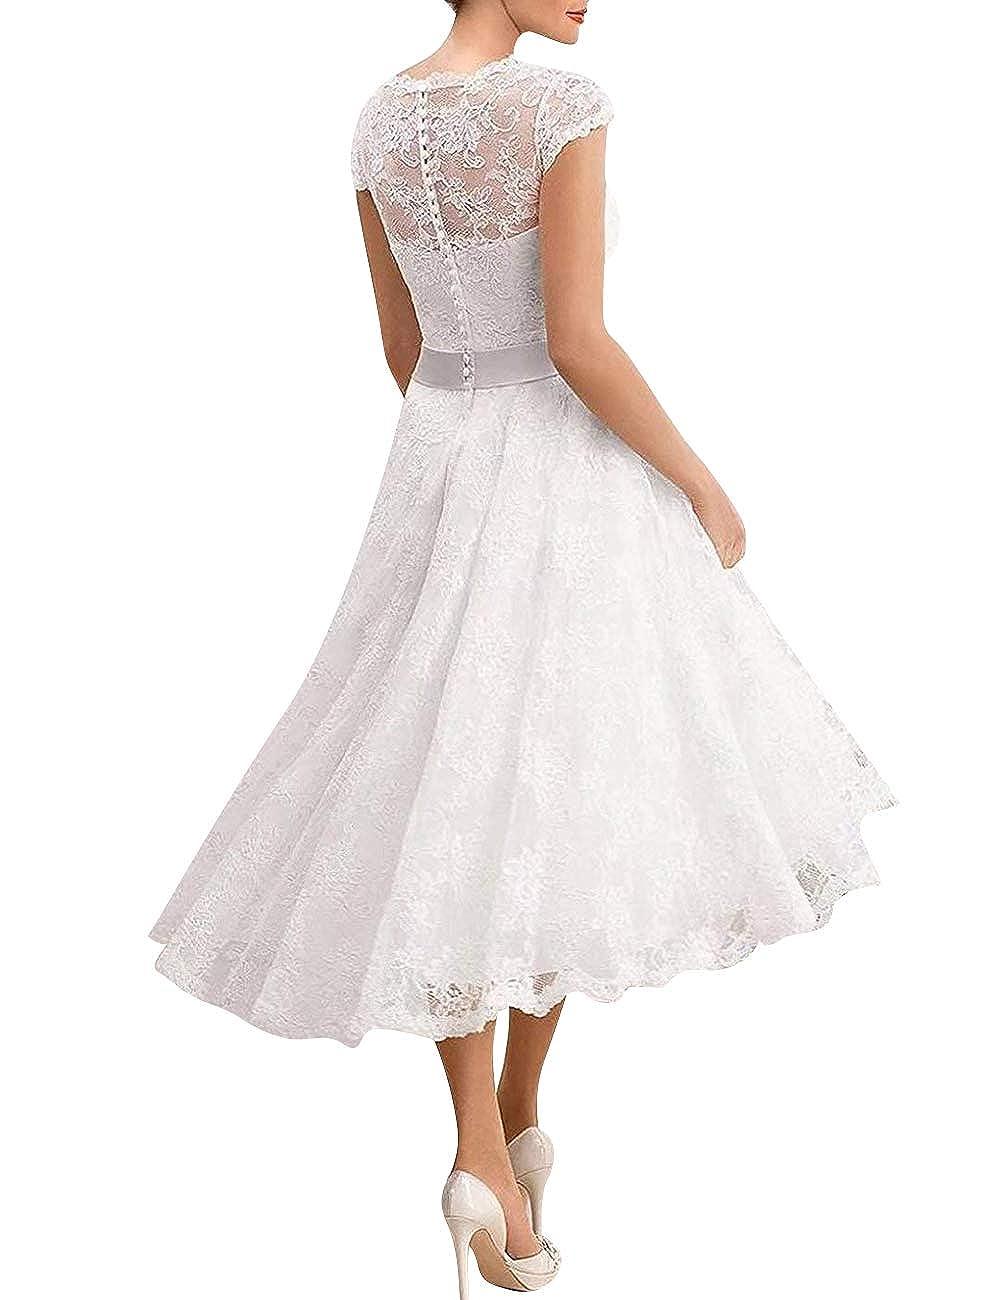 Linie V Spitzen A Vkstar® Ausschnitt Brautkleider Elegante Kurz shdrCBtQx